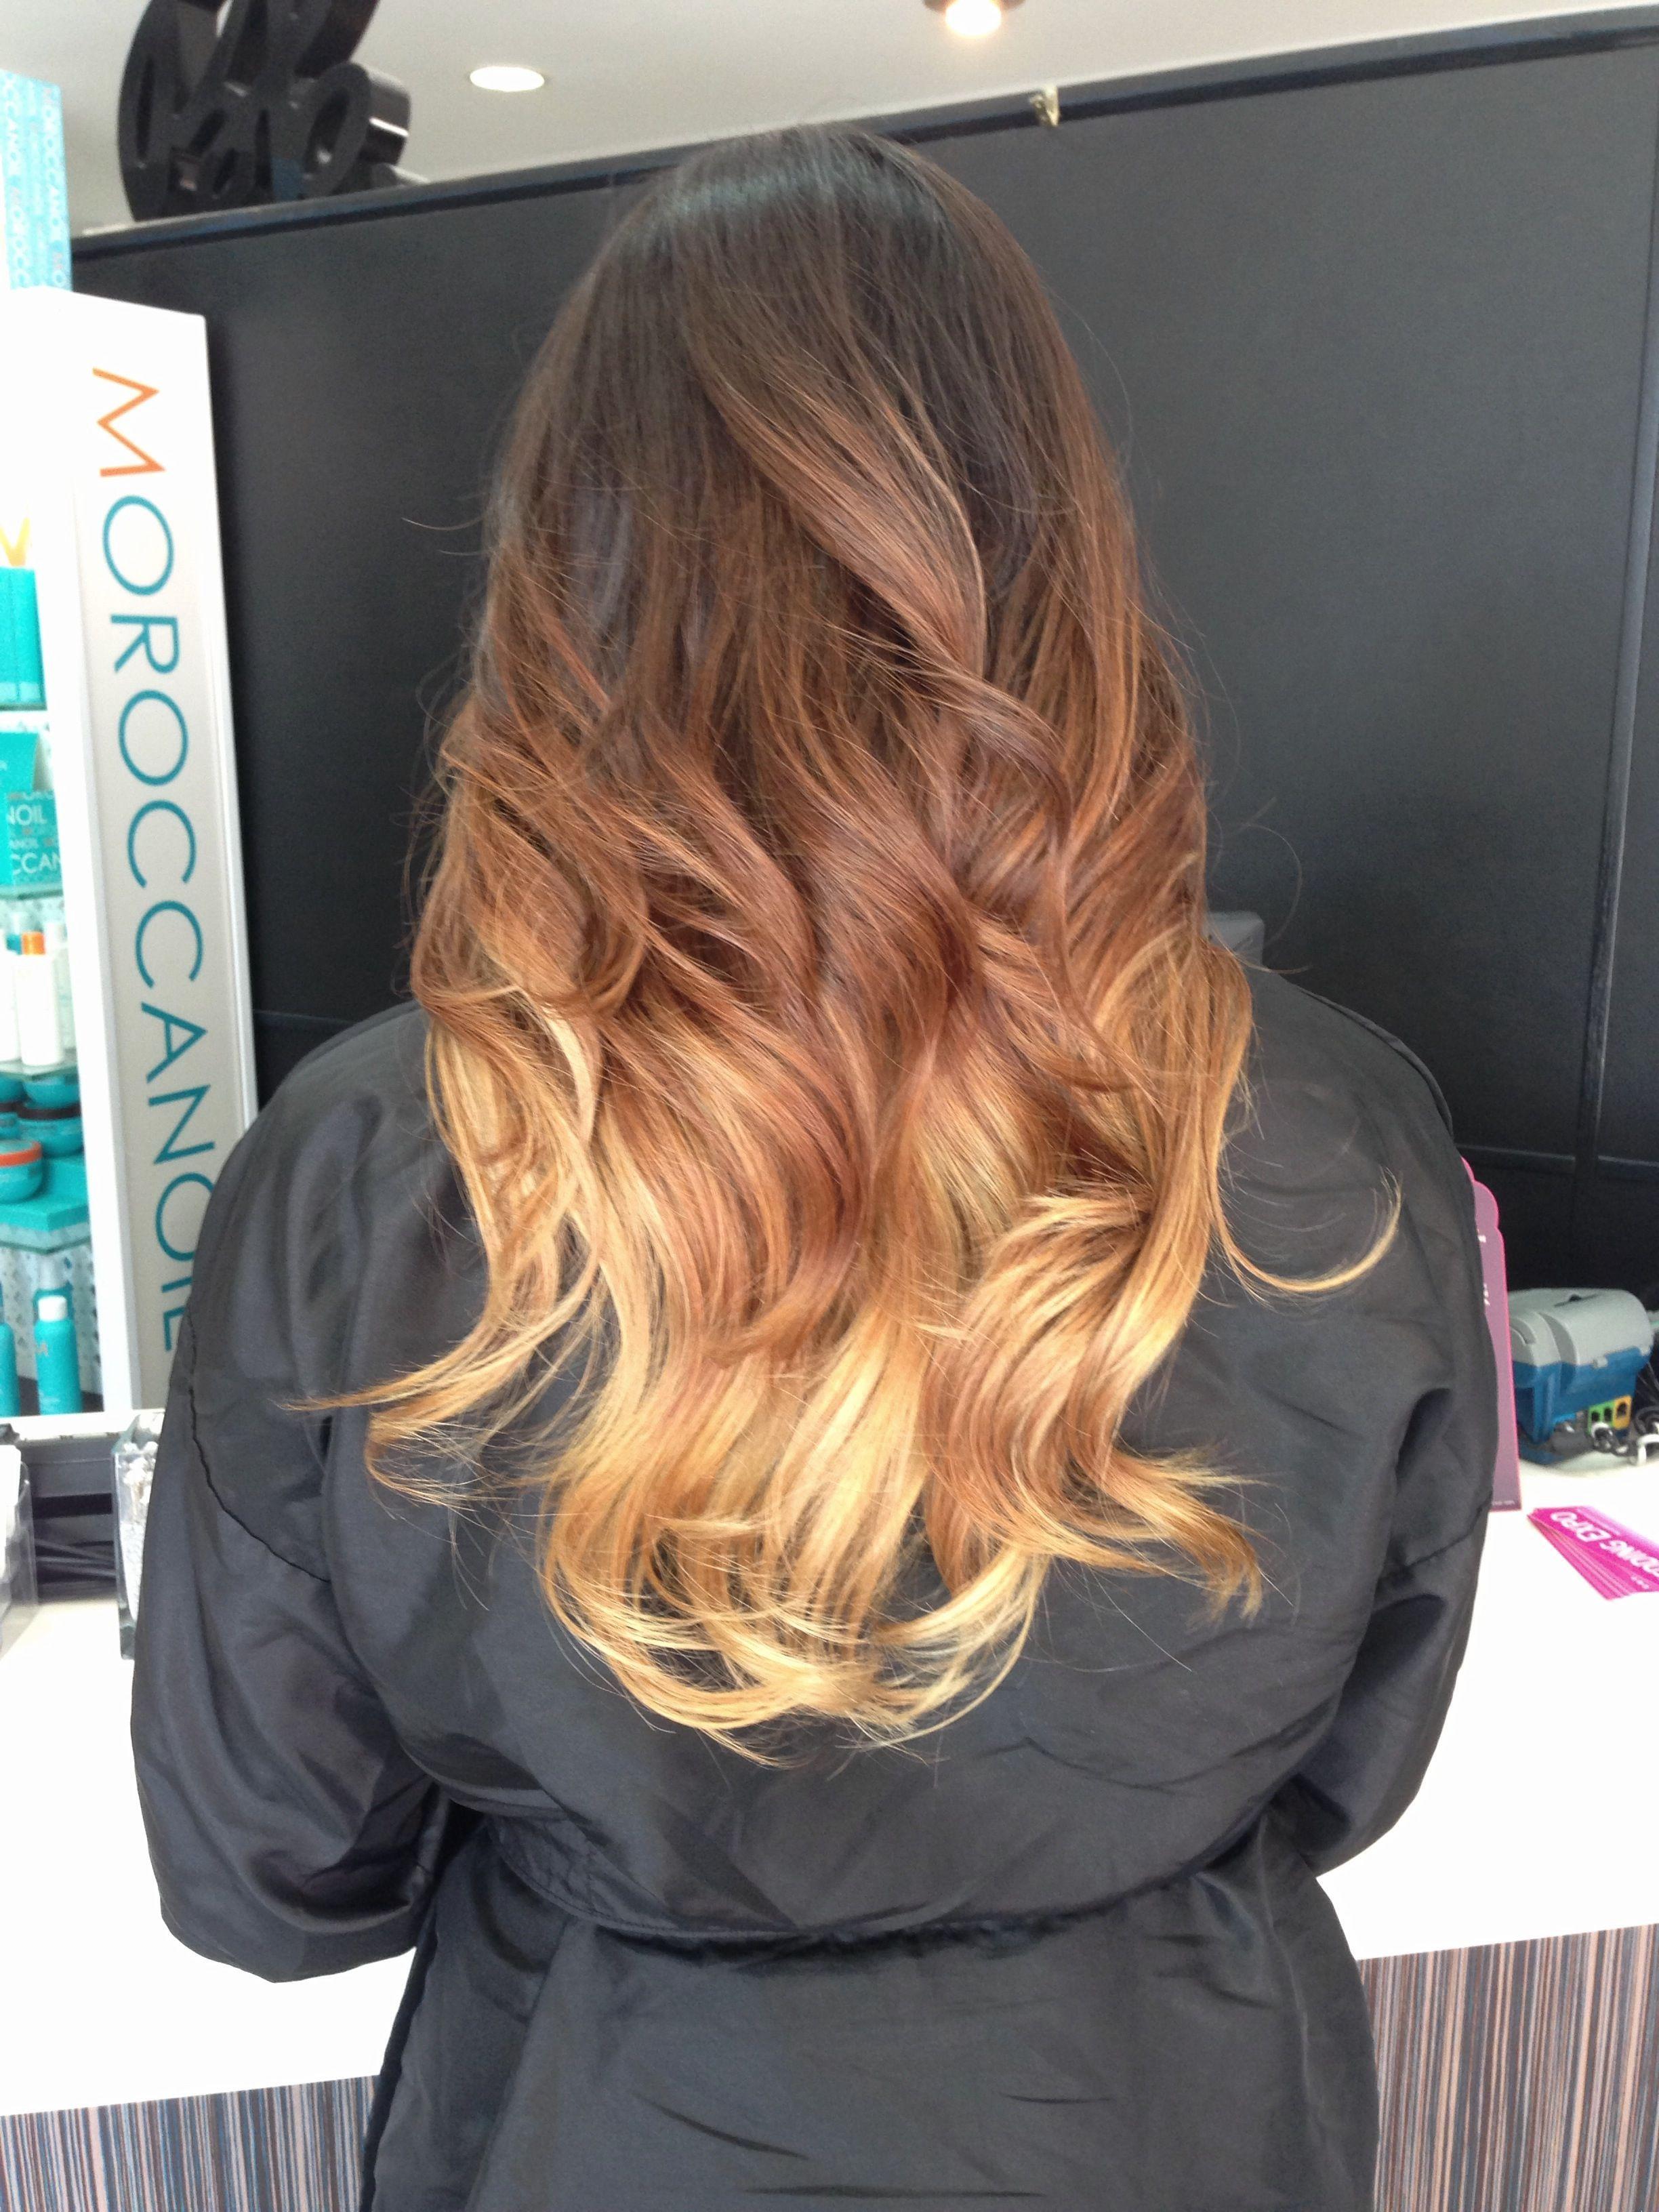 Ombré on medium length hair hair ideas pinterest hair hair